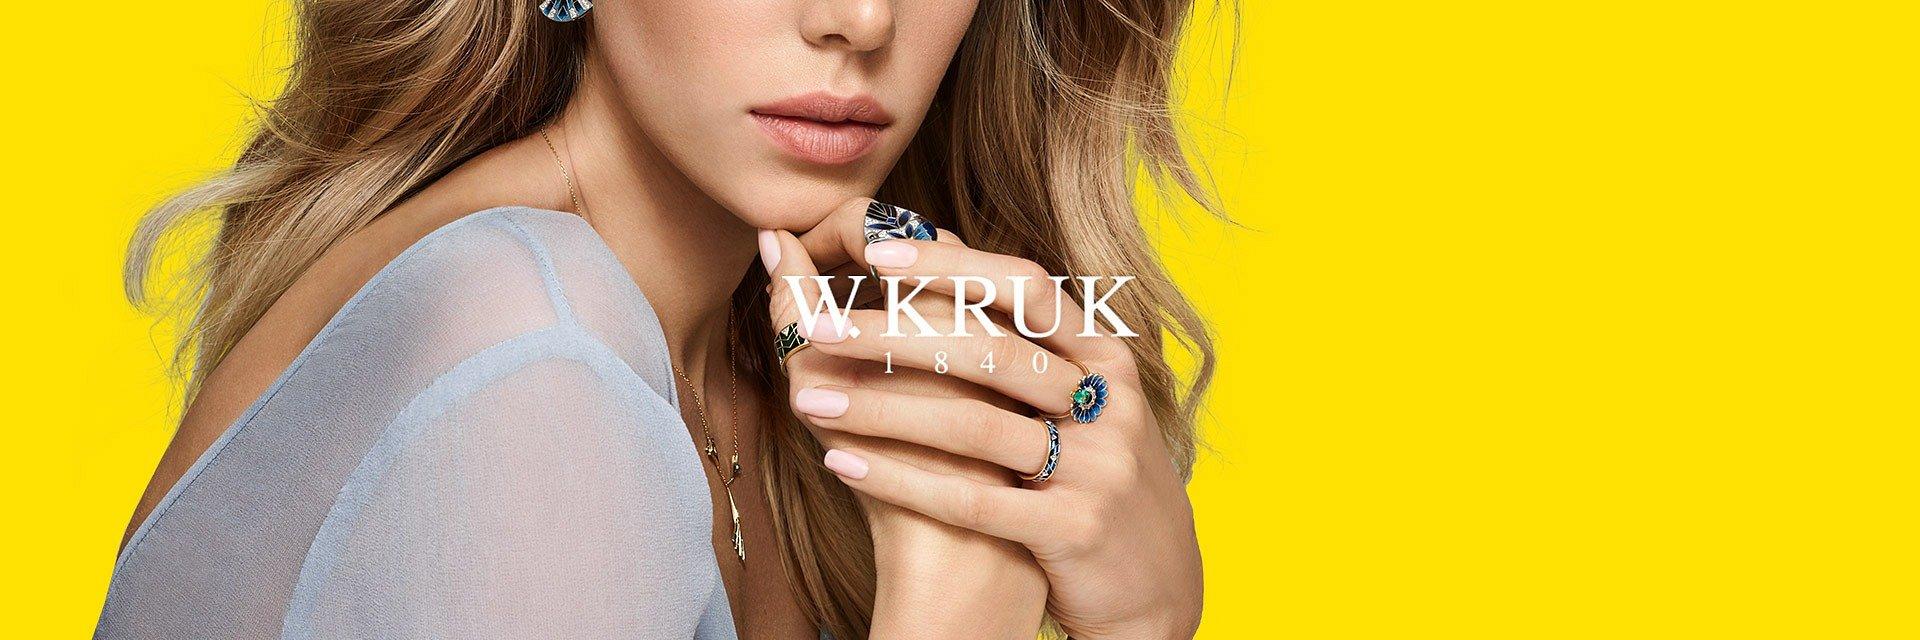 The Digitals współpracuje z W.KRUK